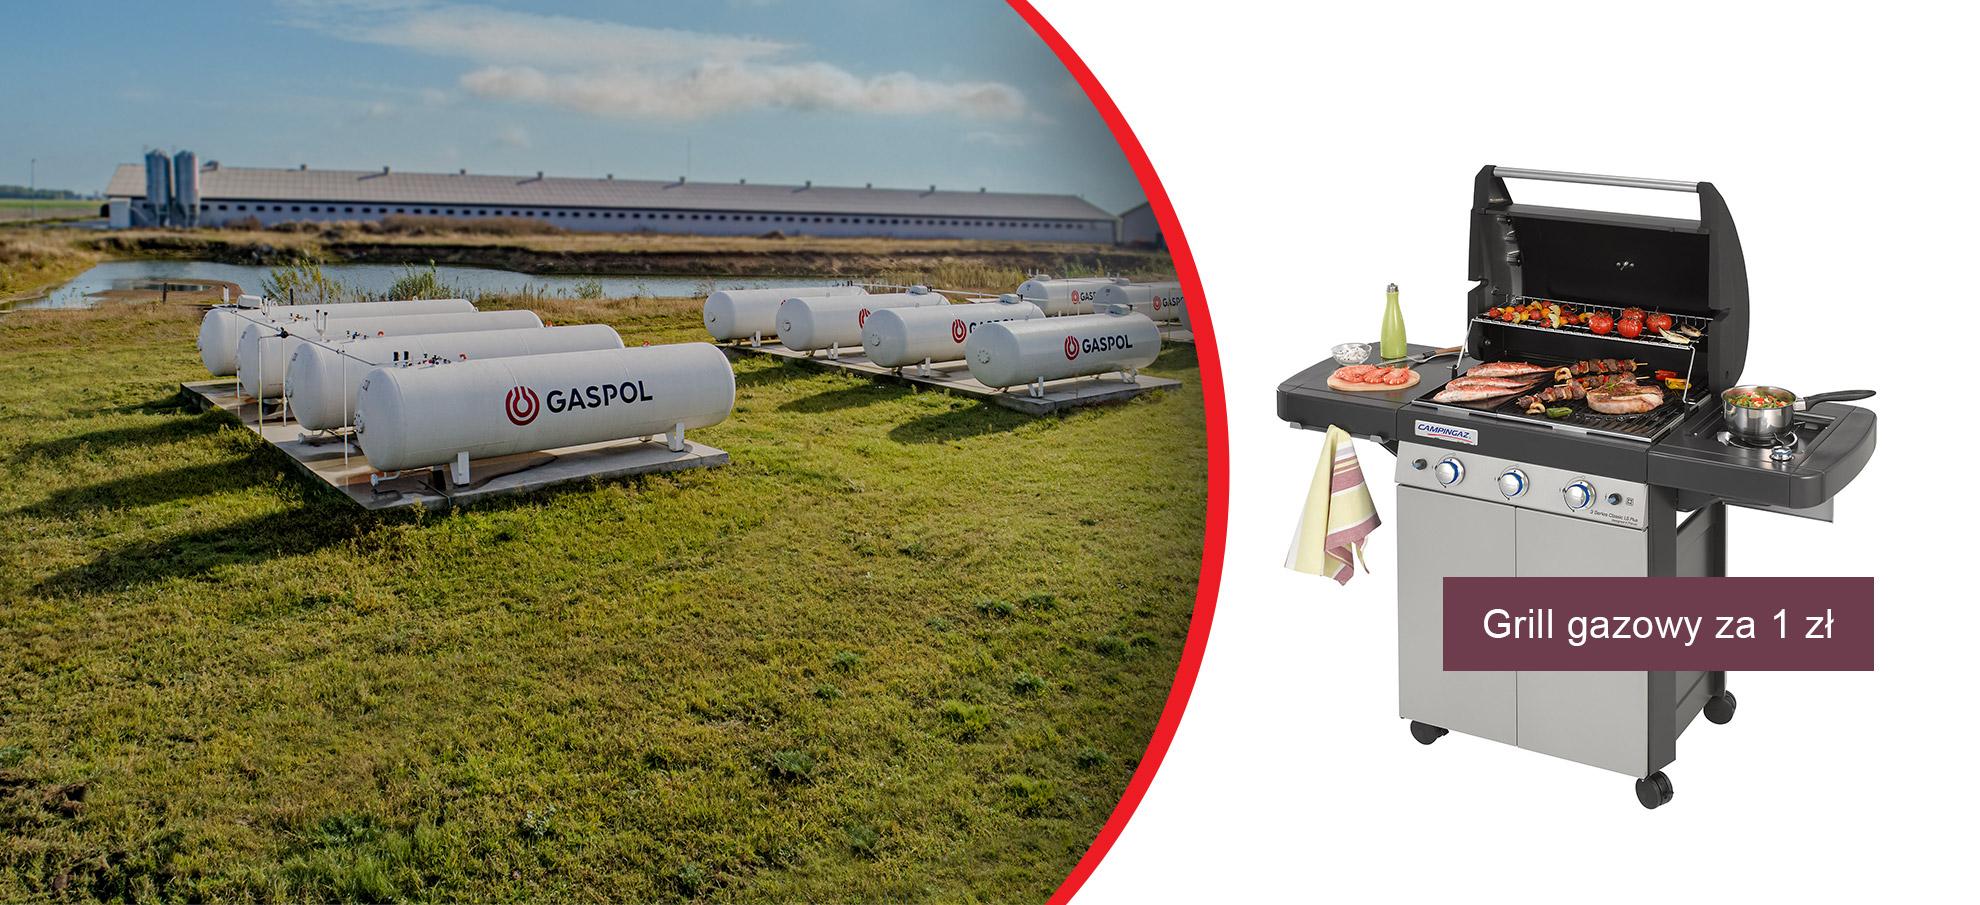 Promocja grill za 1 zł za podpisanie umowy na gaz płynny